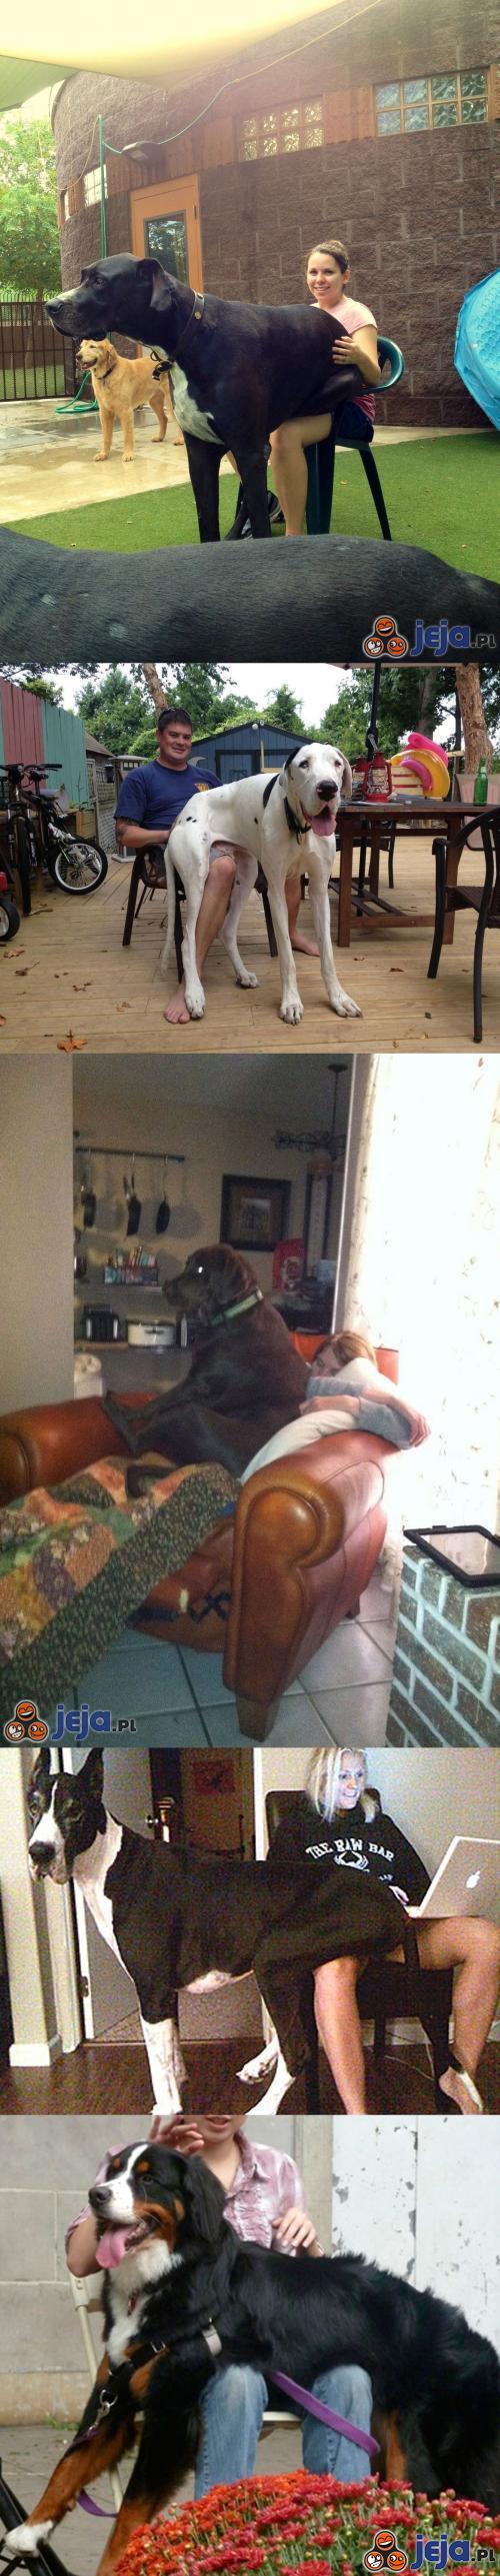 Duże psy też lubią siadać na kolanku